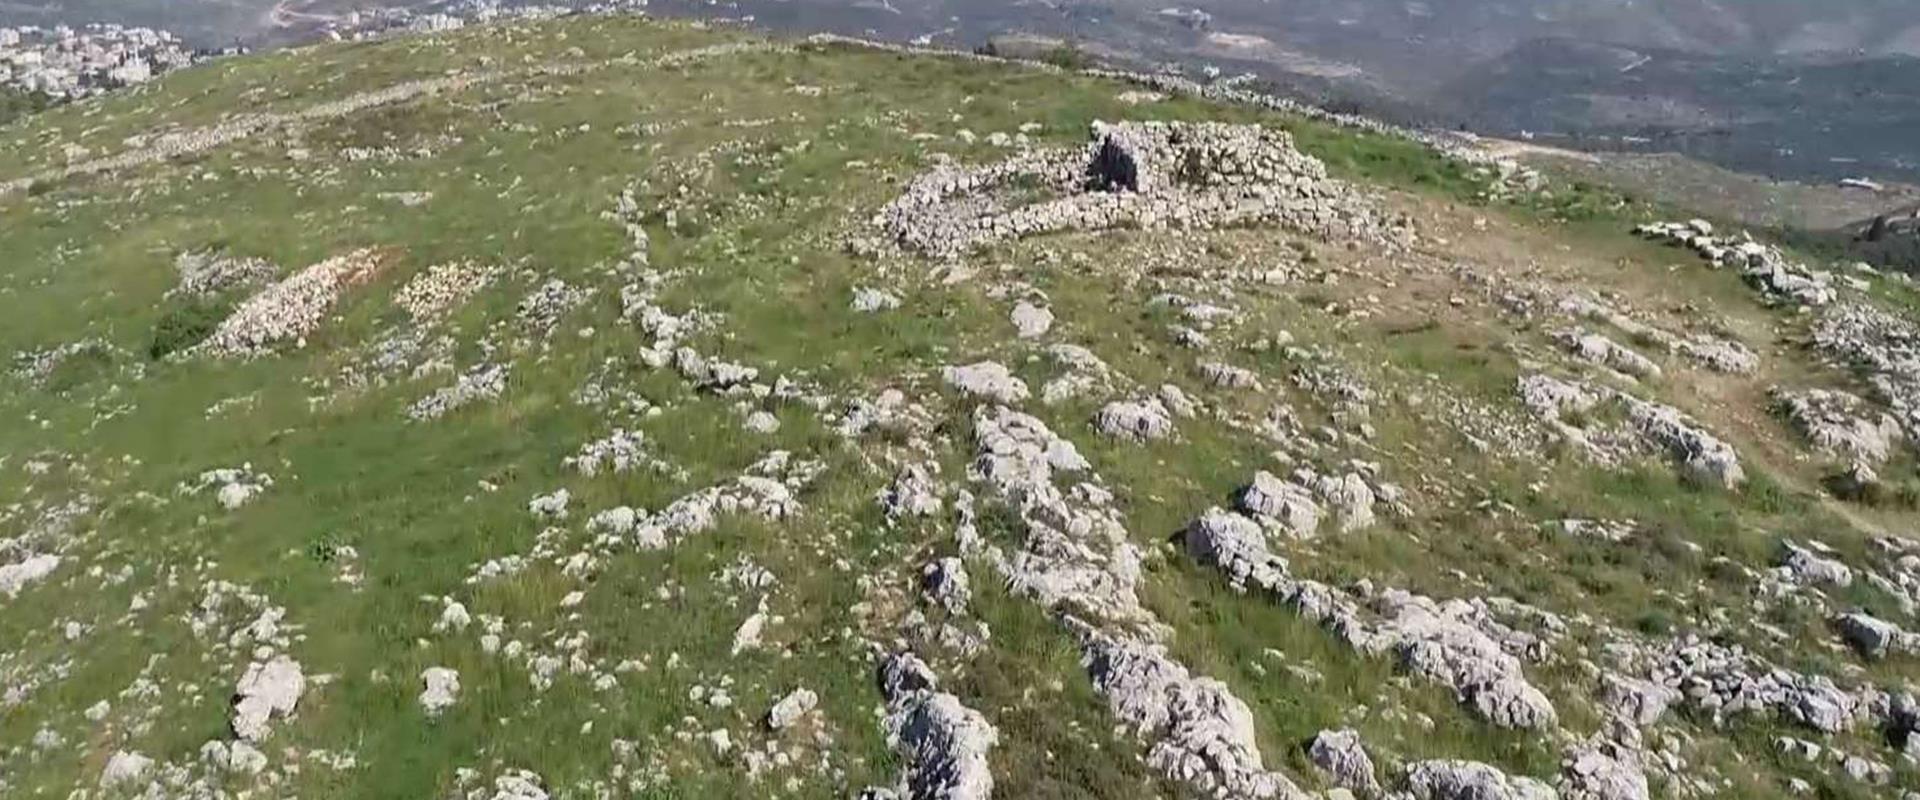 אתר ארכיאולוגי